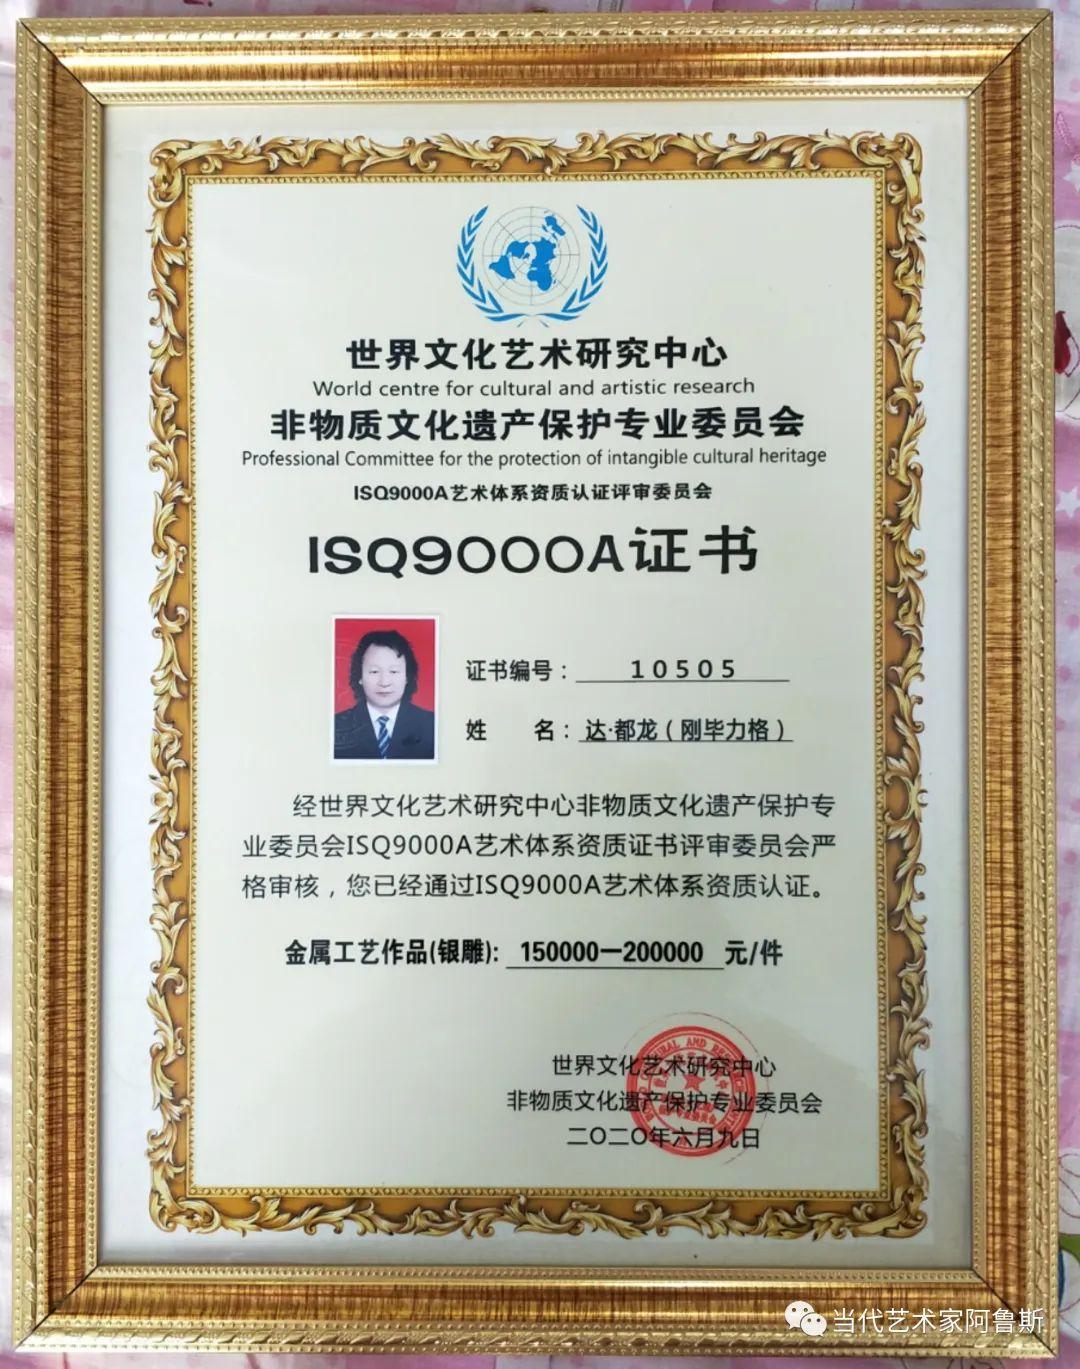 世界文化艺术研究中心非物质文化遗产专业委员会员达·都龙 第2张